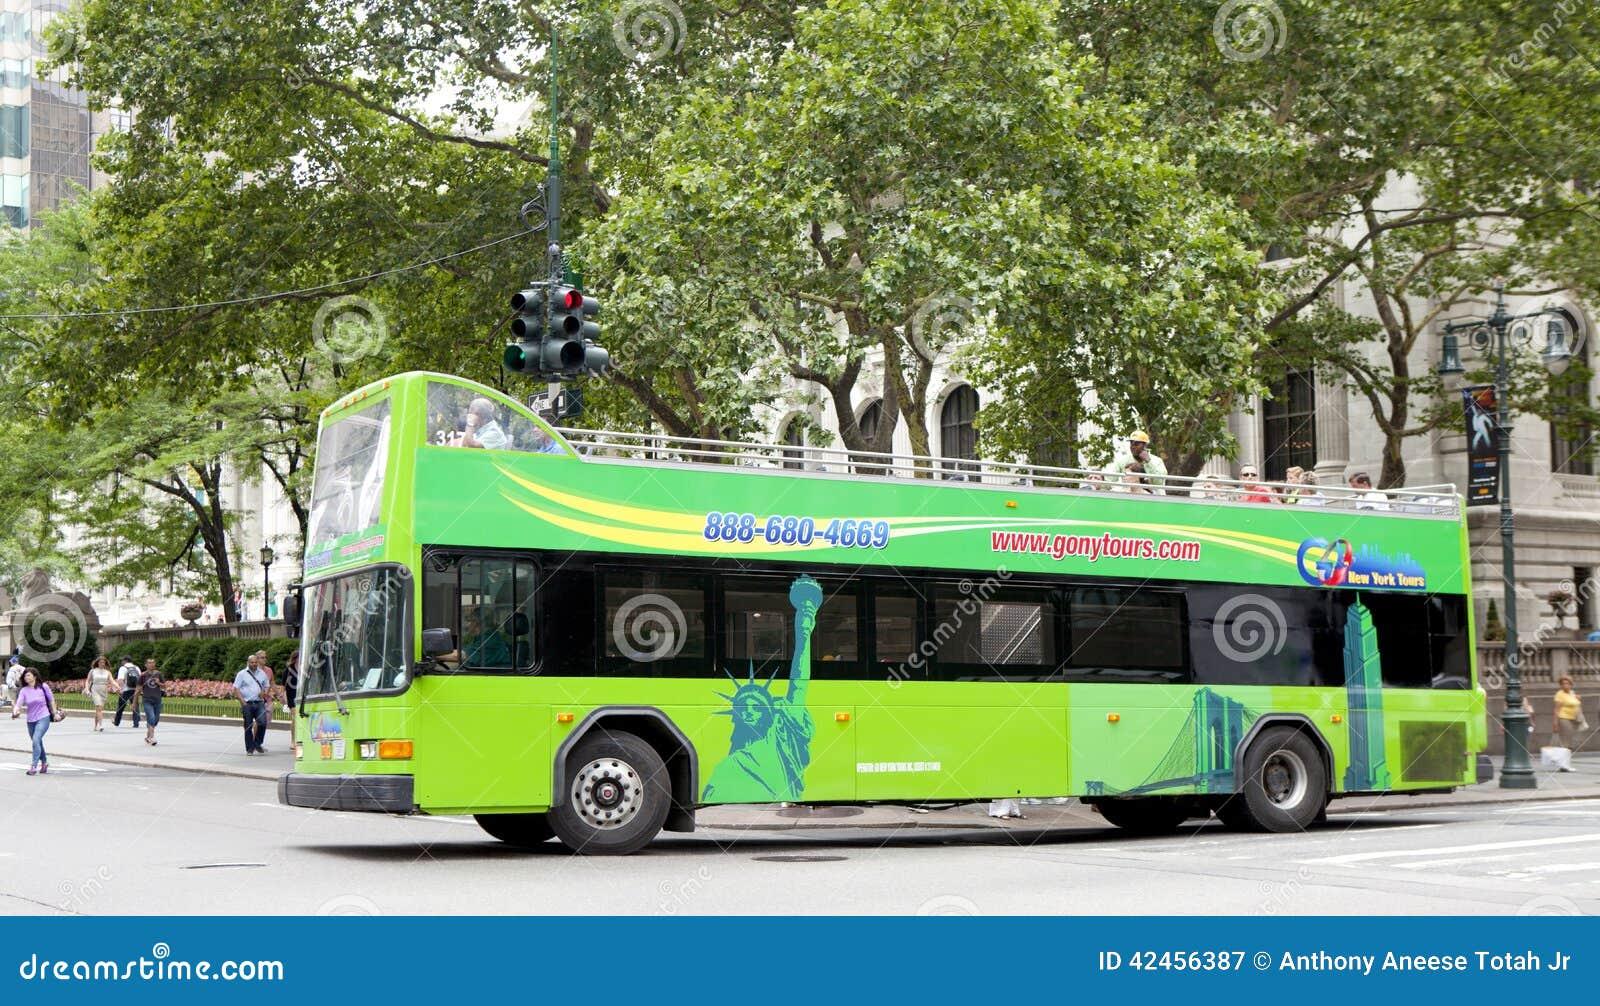 Doppeldeckerreisebus vor der New- York Citybibliothek